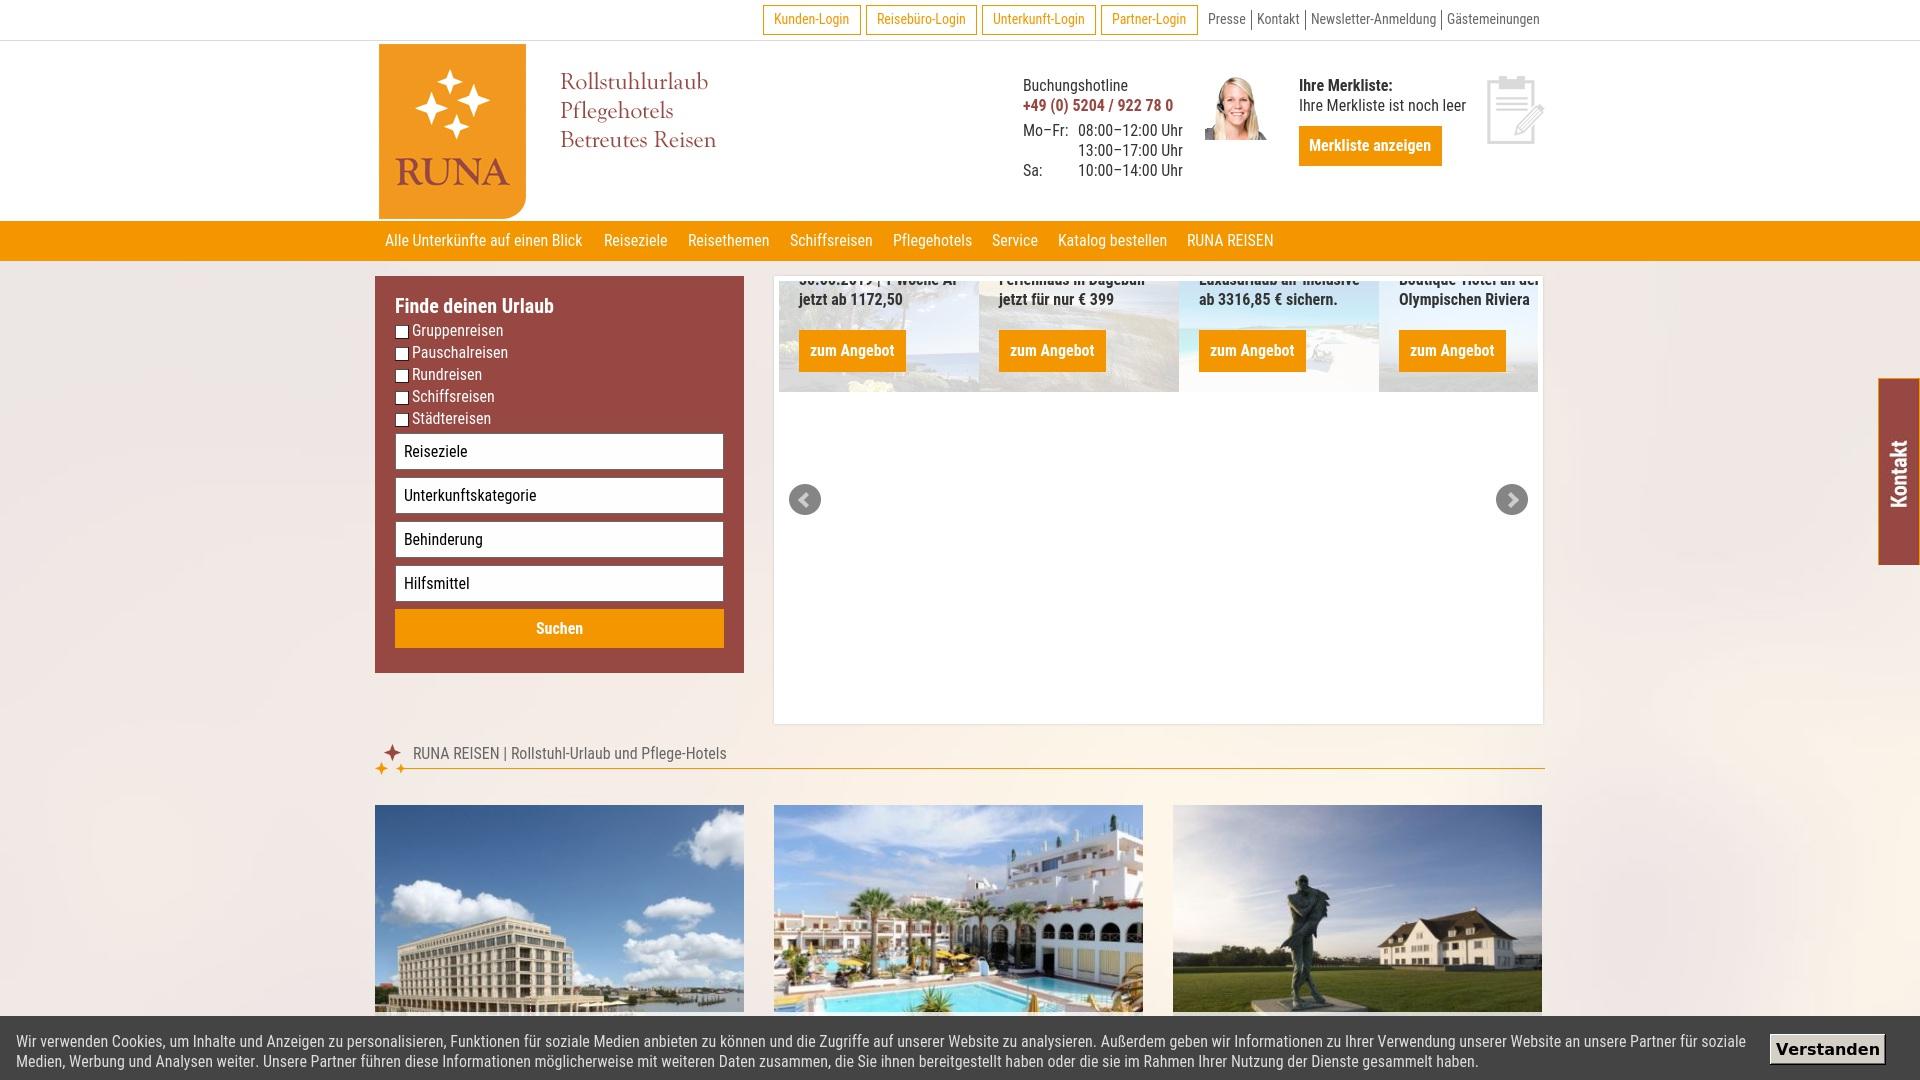 Gutschein für Runa-reisen: Rabatte für  Runa-reisen sichern